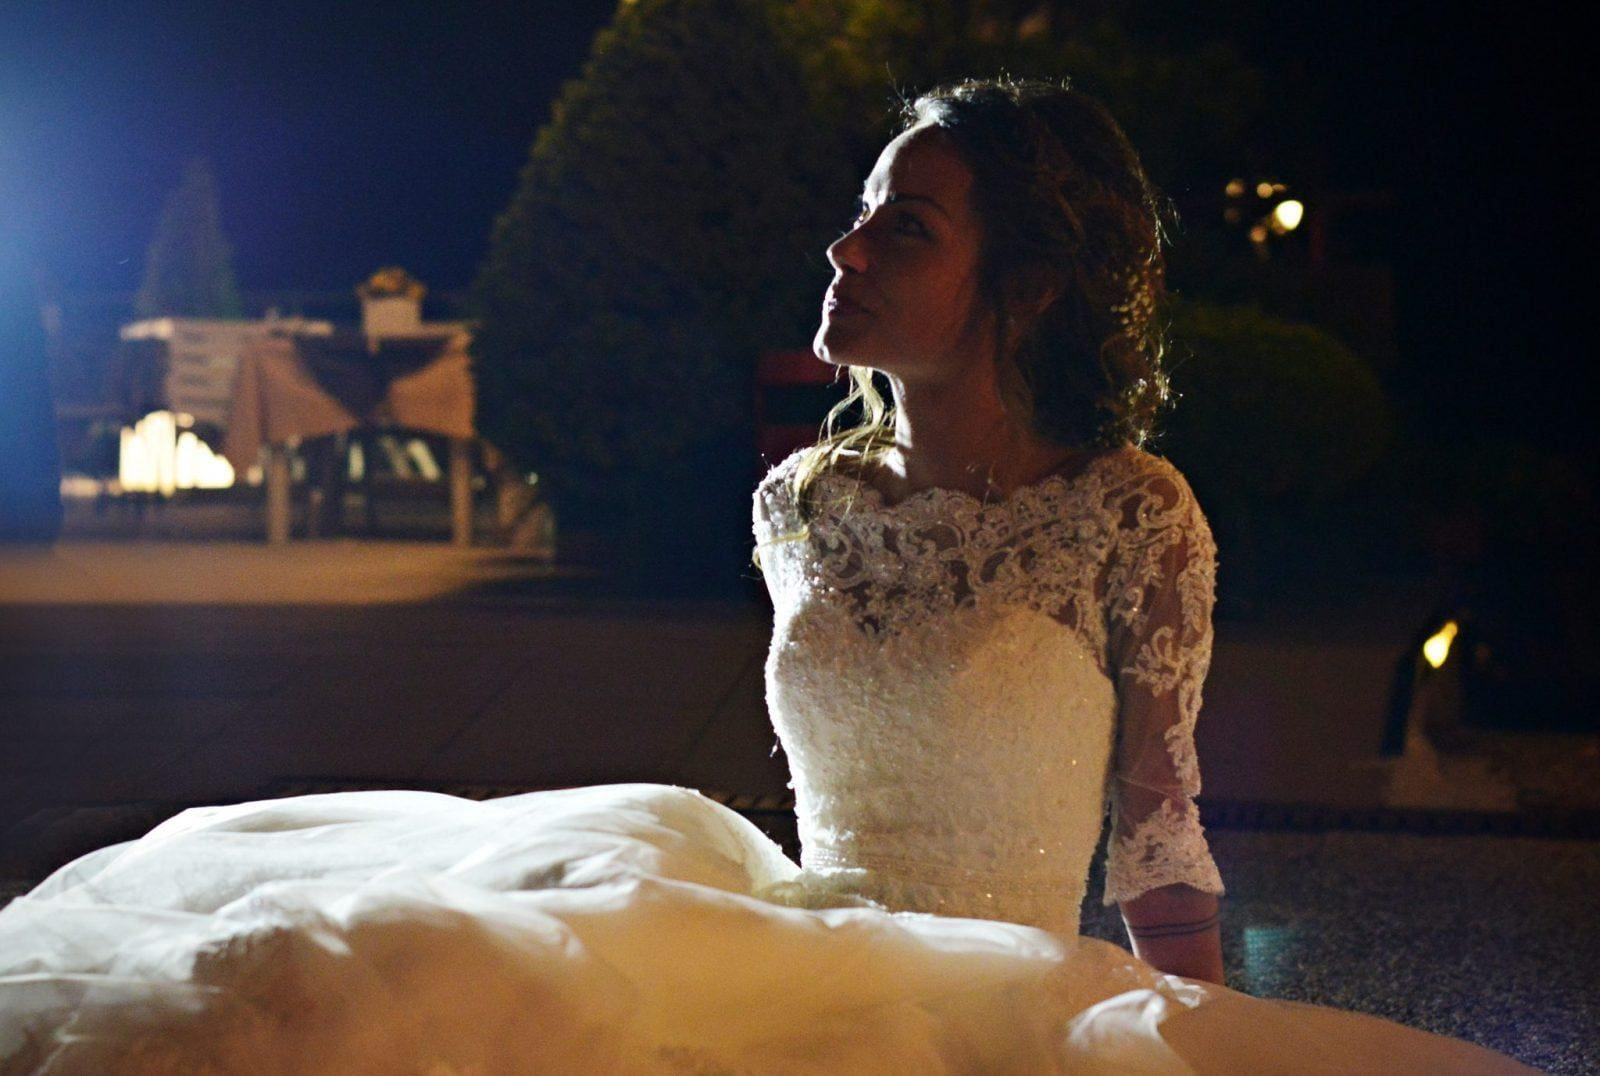 la sposa seduta sulla strada